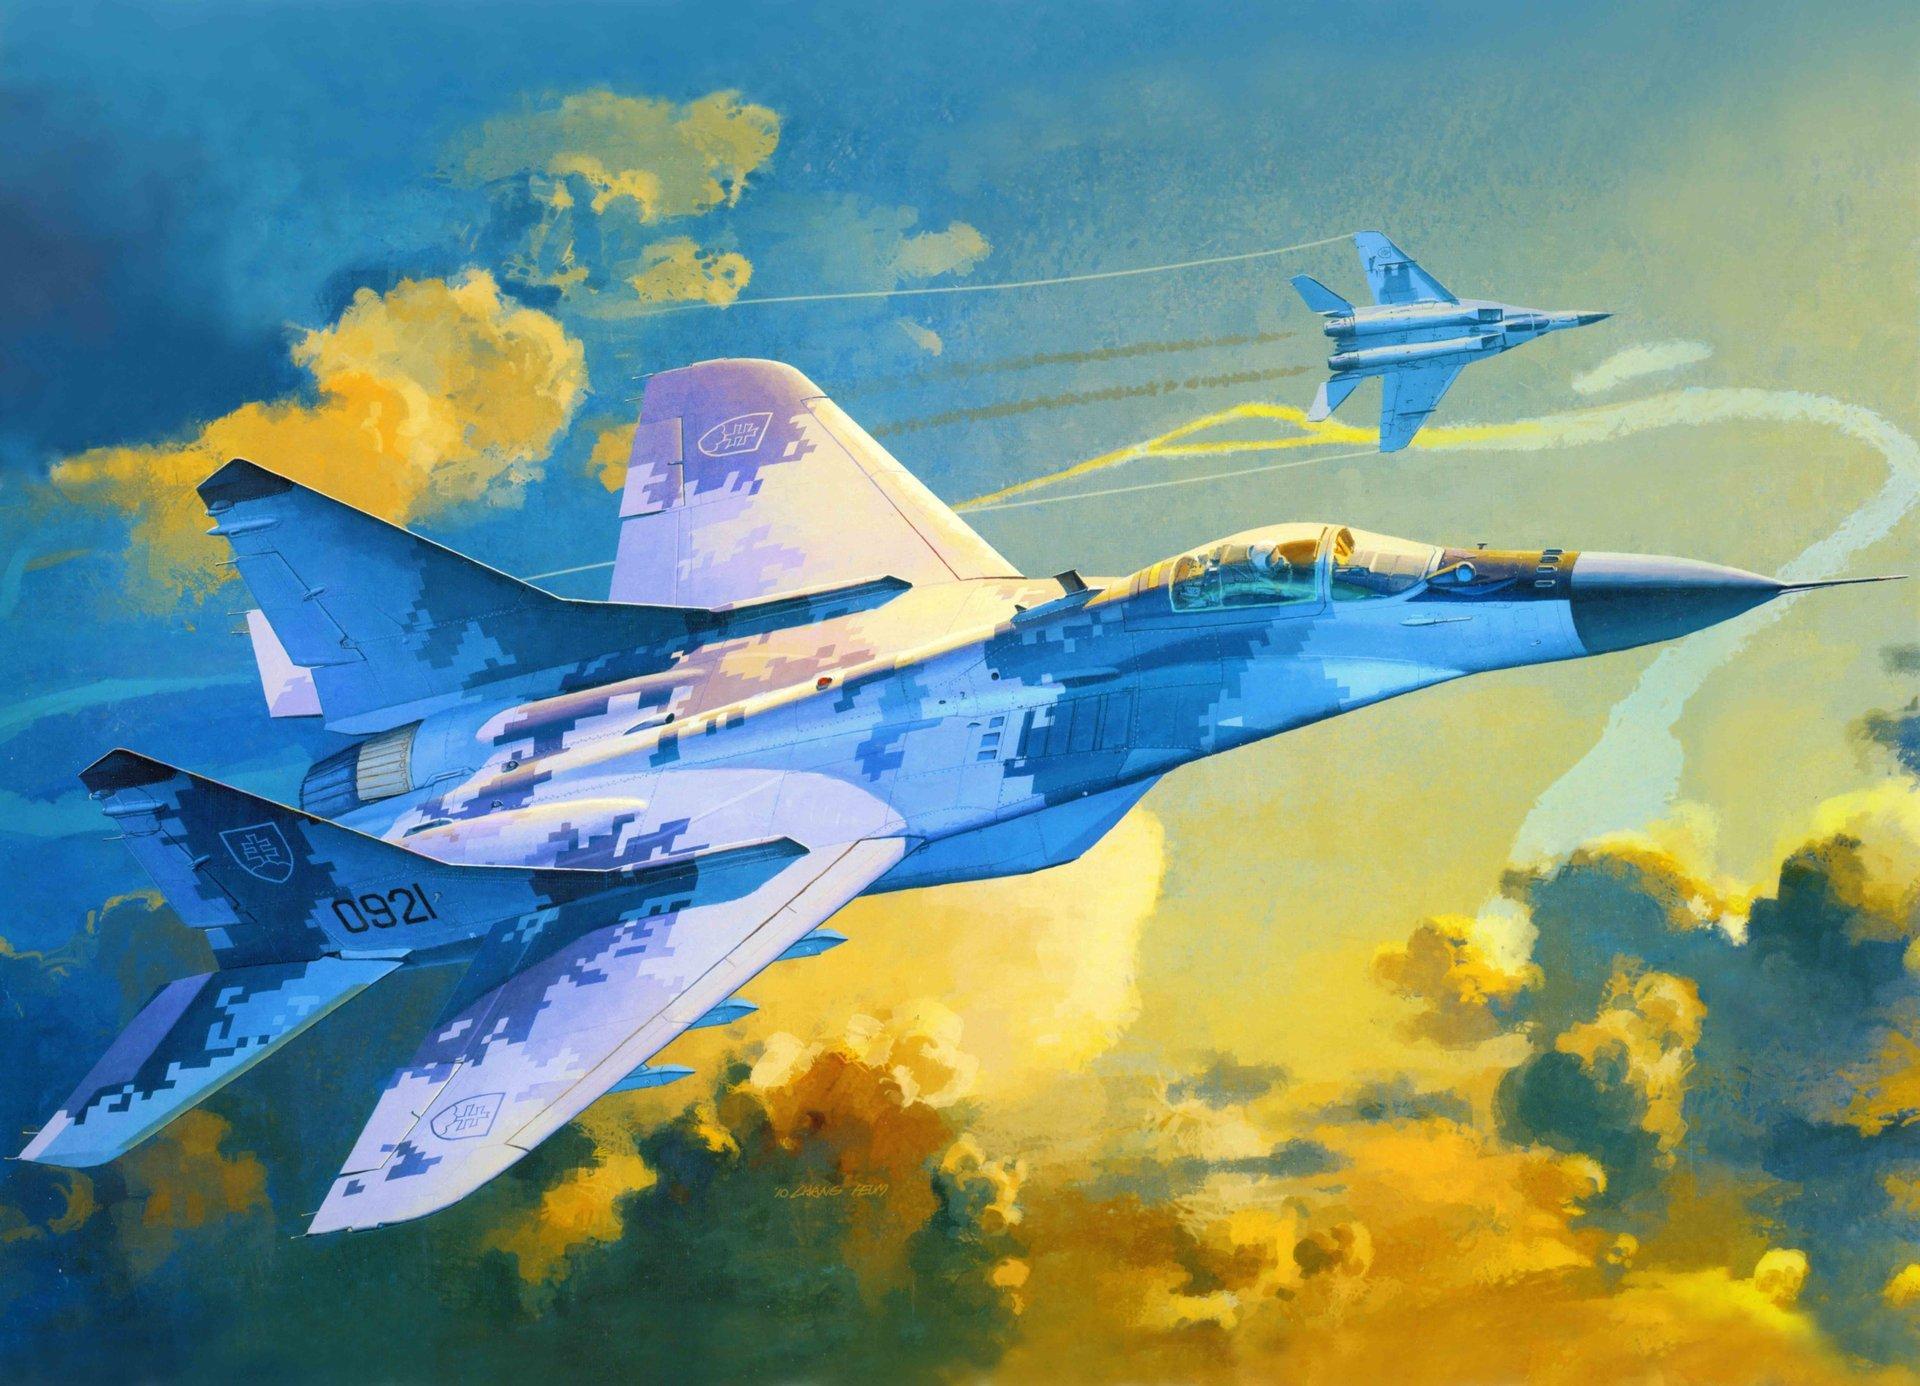 Обои Миг-29а, многоцелевой, истребитель, fulcrum. Авиация foto 11